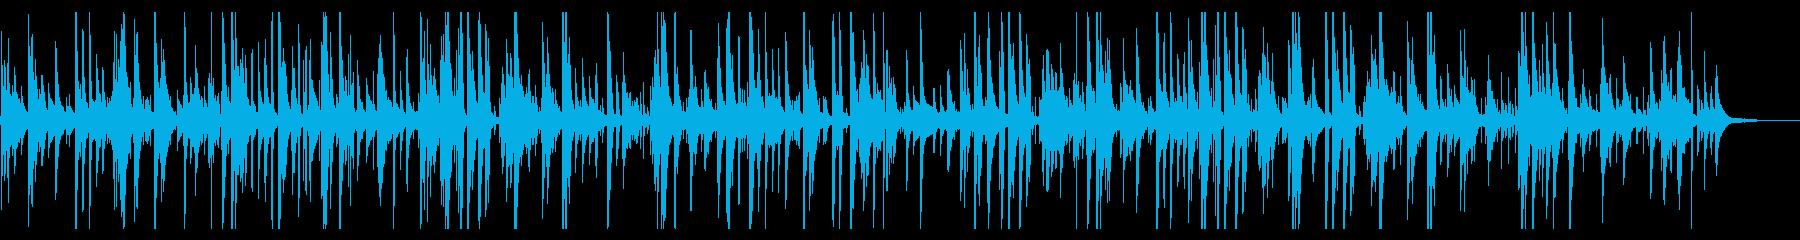 かっこいいジャズピアノバラードBGMの再生済みの波形